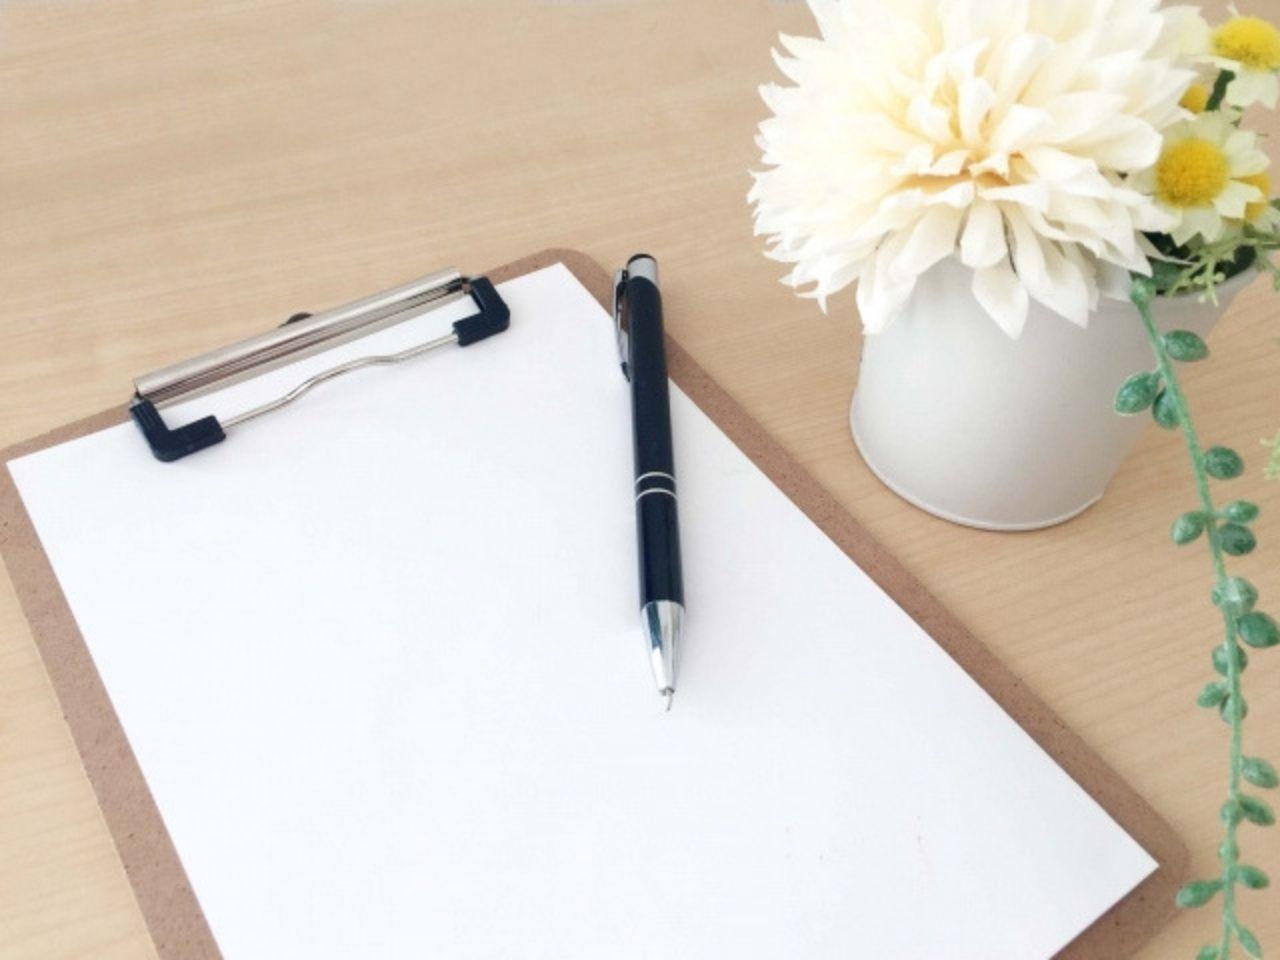 診察で使用するノートとペン